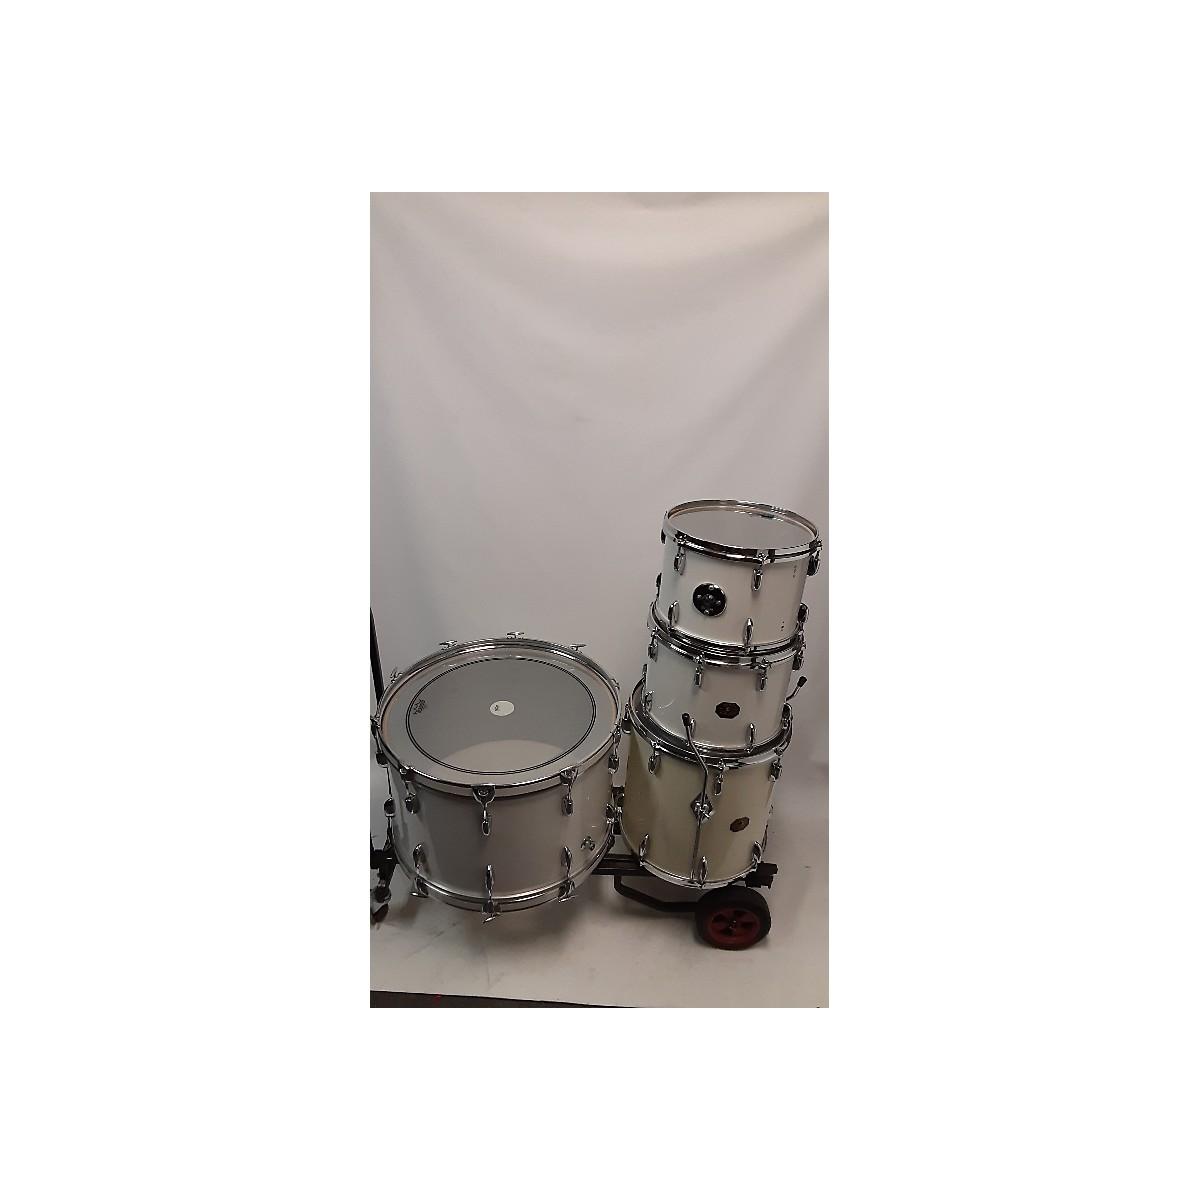 Gretsch Drums 1970s USA 4 Piece Drum Kit